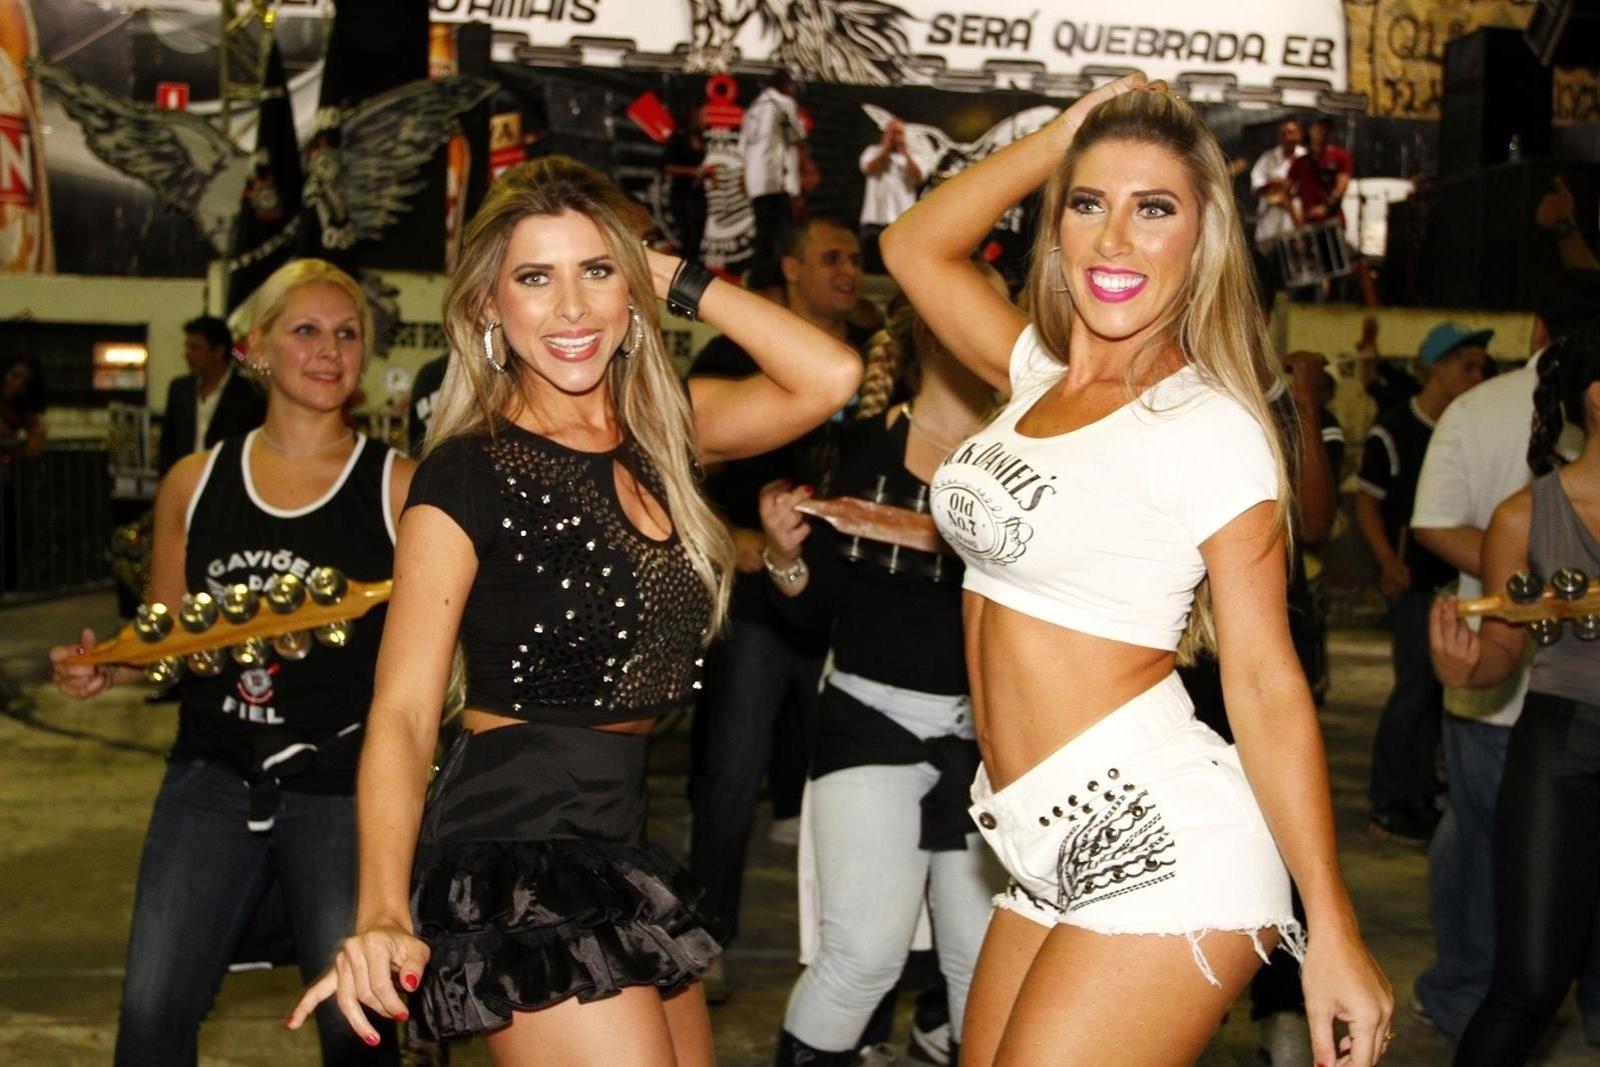 9.nov.2013 - Ana Paula (esq.) e Tati Minerato, musa e rainha da bateria da Gaviões da Fiel, sambam durante ensaio na quadra da escola de samba, no Bom Retiro, em São Paulo